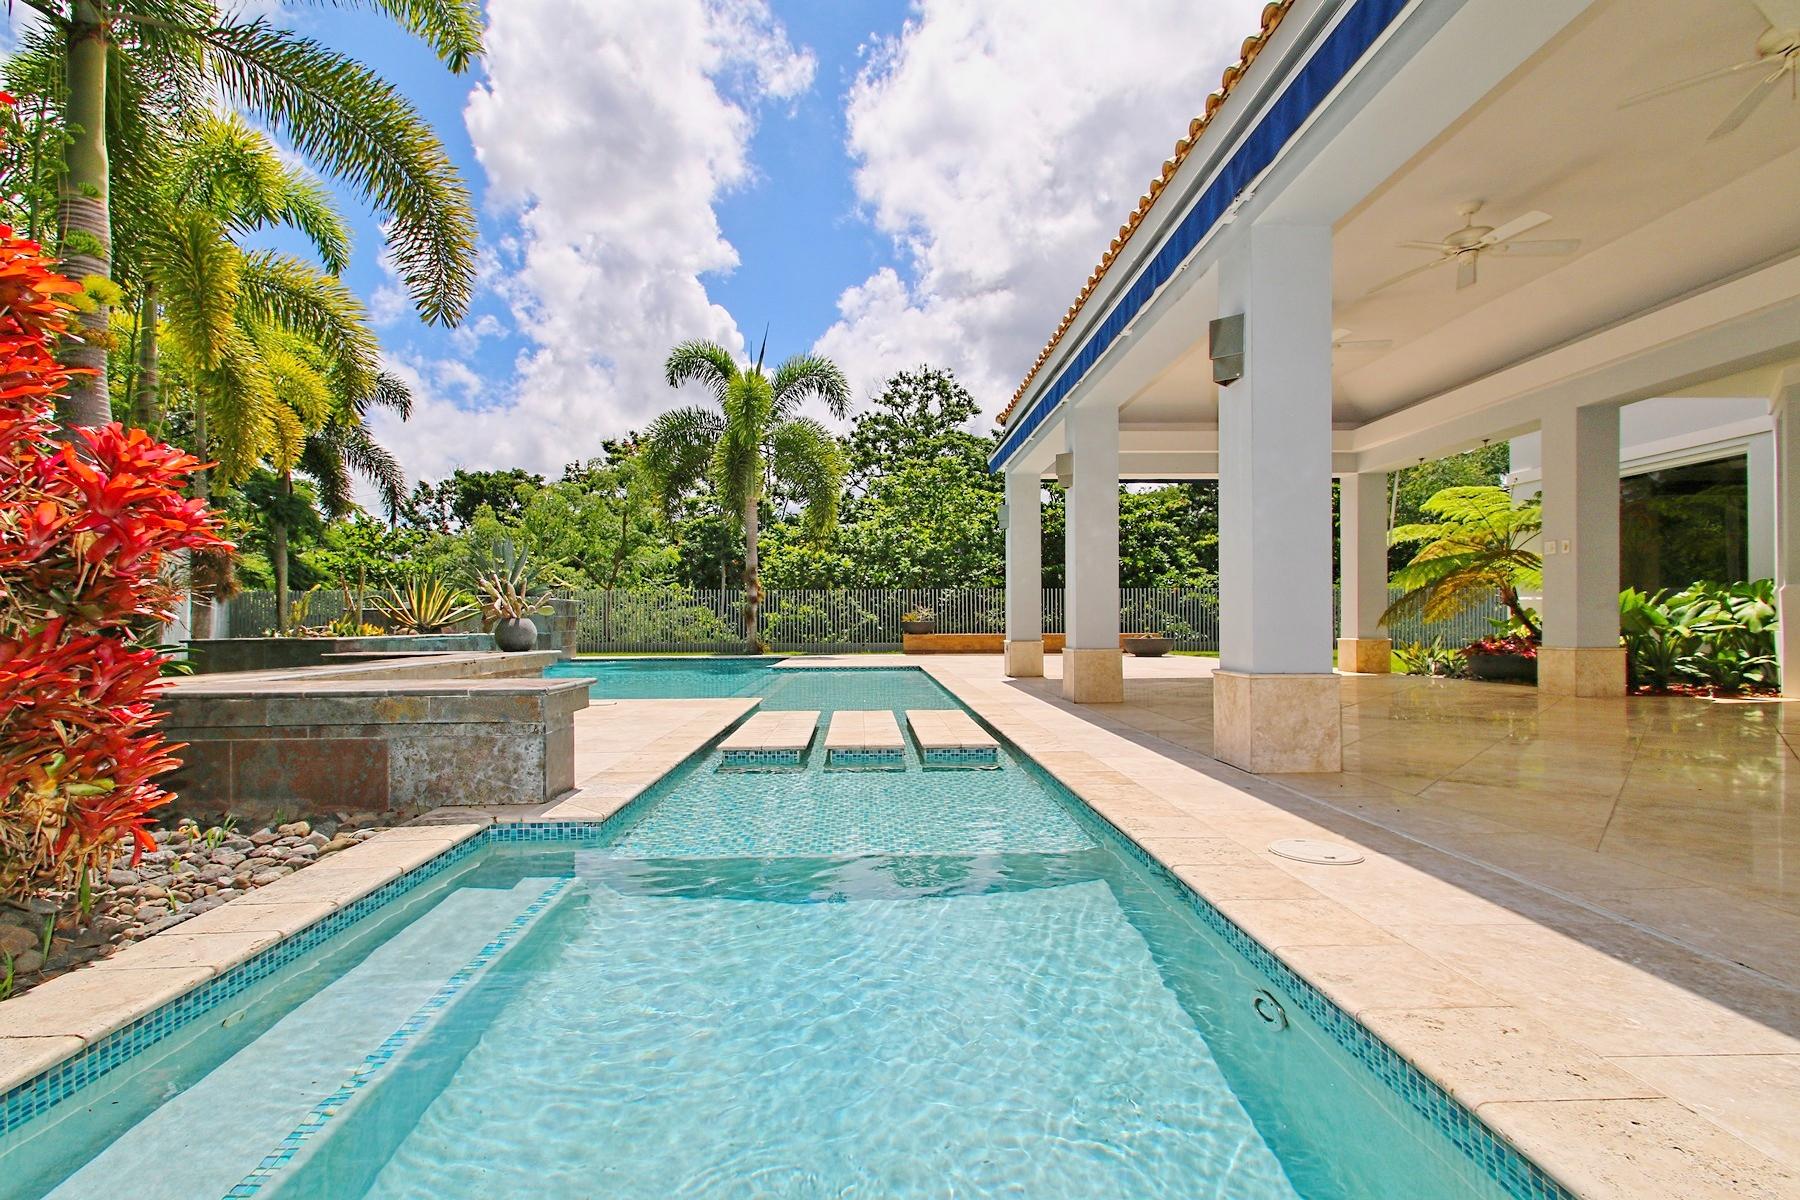 Single Family Home for Sale at Viajera Street, Palma Real Estates 10 Viajera Street Guaynabo, Puerto Rico 00969 Puerto Rico